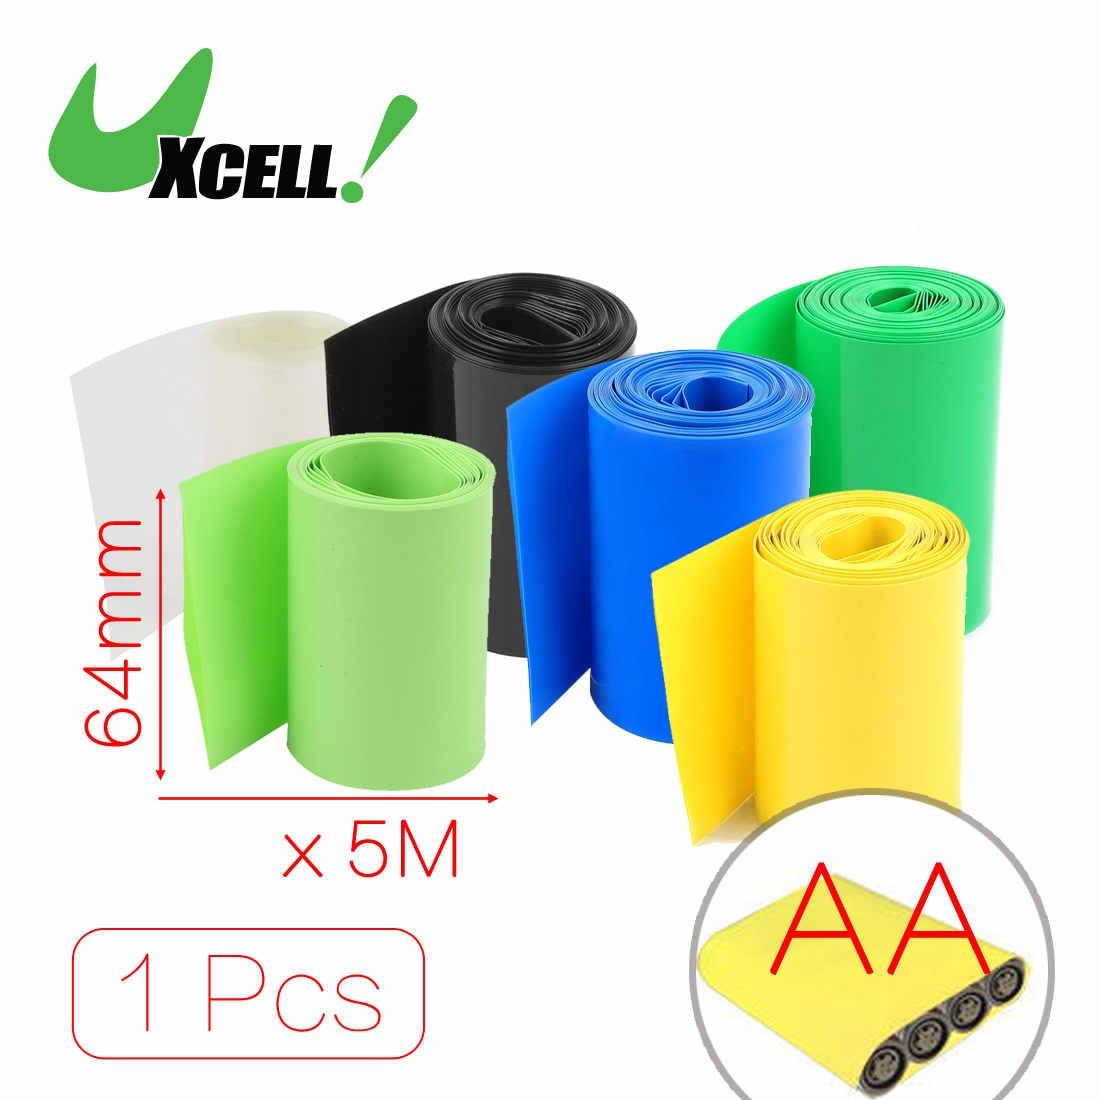 Uxcell 5 метров 64 мм Ширина ПВХ термоусадочная Обёрточная бумага трубка желтый для <font><b>AA</b></font> Батарея пакет. | Черный | синий | ясно | Зеленый | grren | желтый